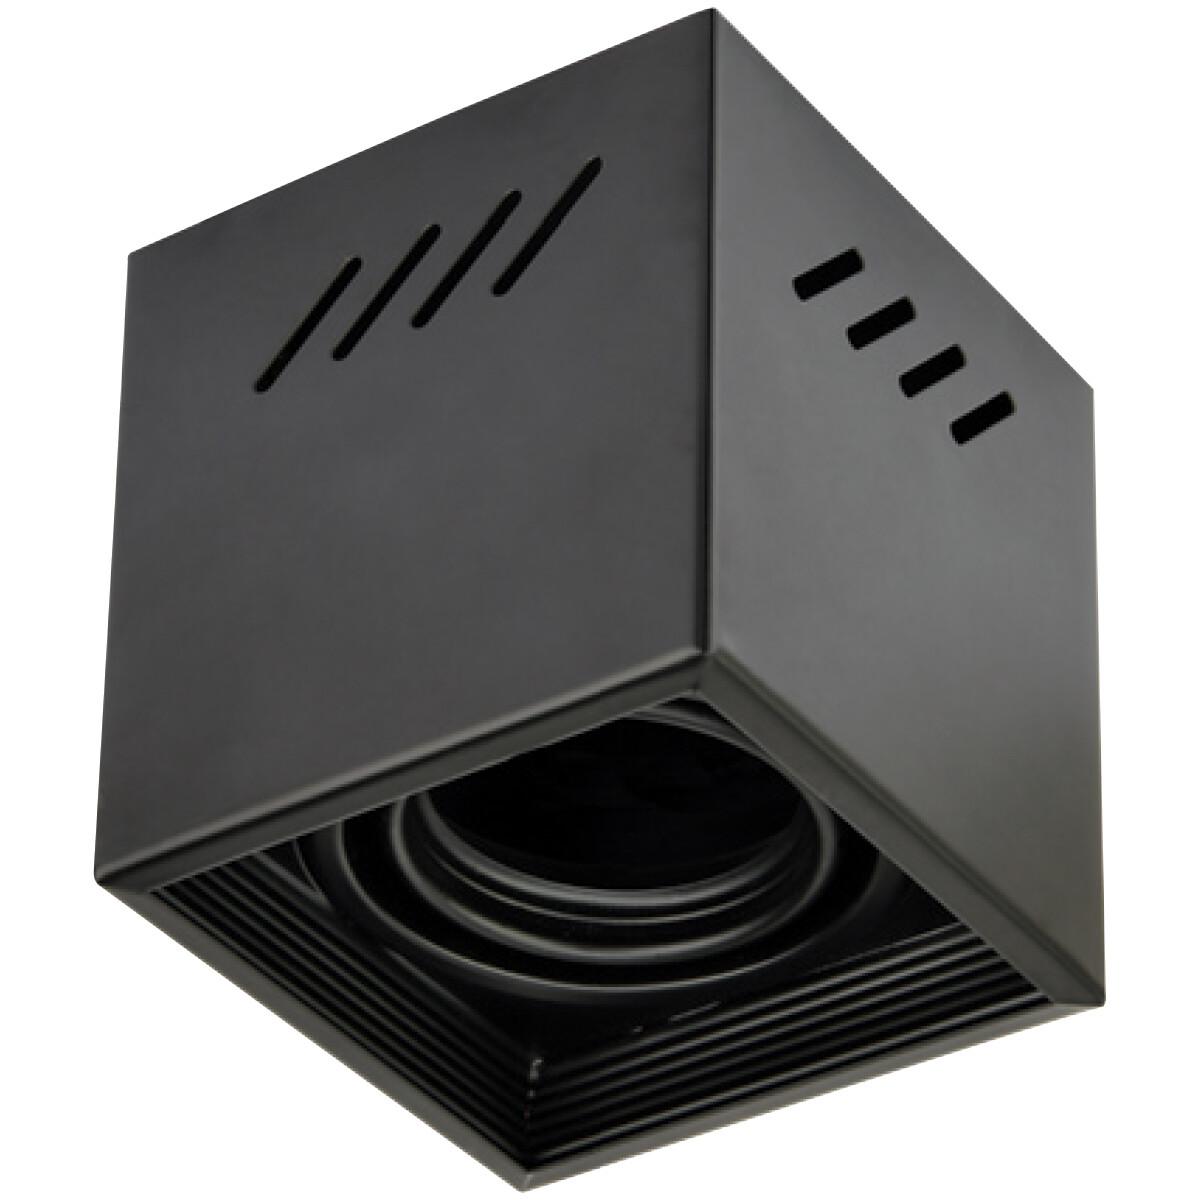 Opbouwspot GU10 - Frino - Opbouw Vierkant - Mat Zwart - Aluminium - Kantelbaar - 92mm